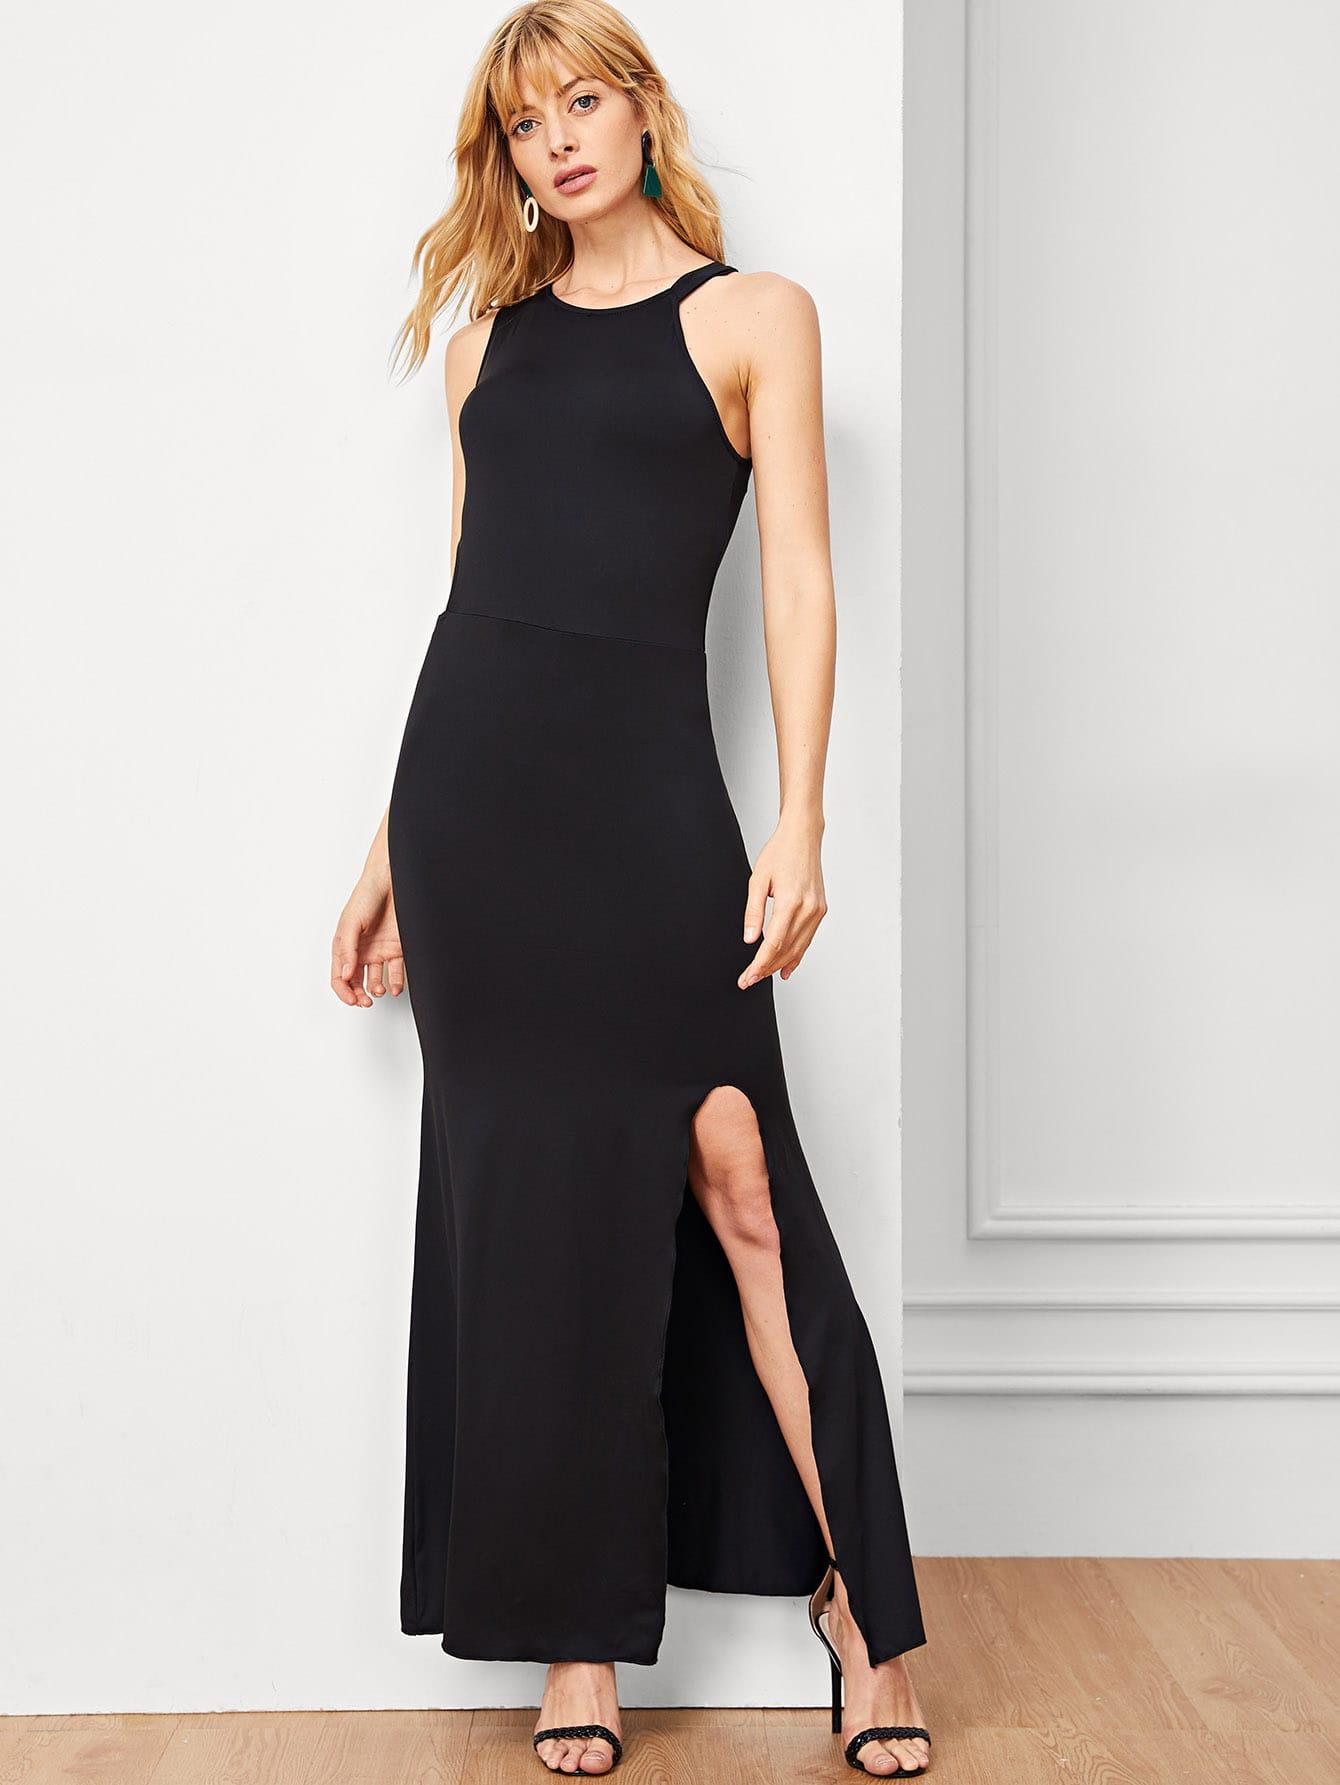 Купить Разделение платье с асимметричным плечом, Masha, SheIn